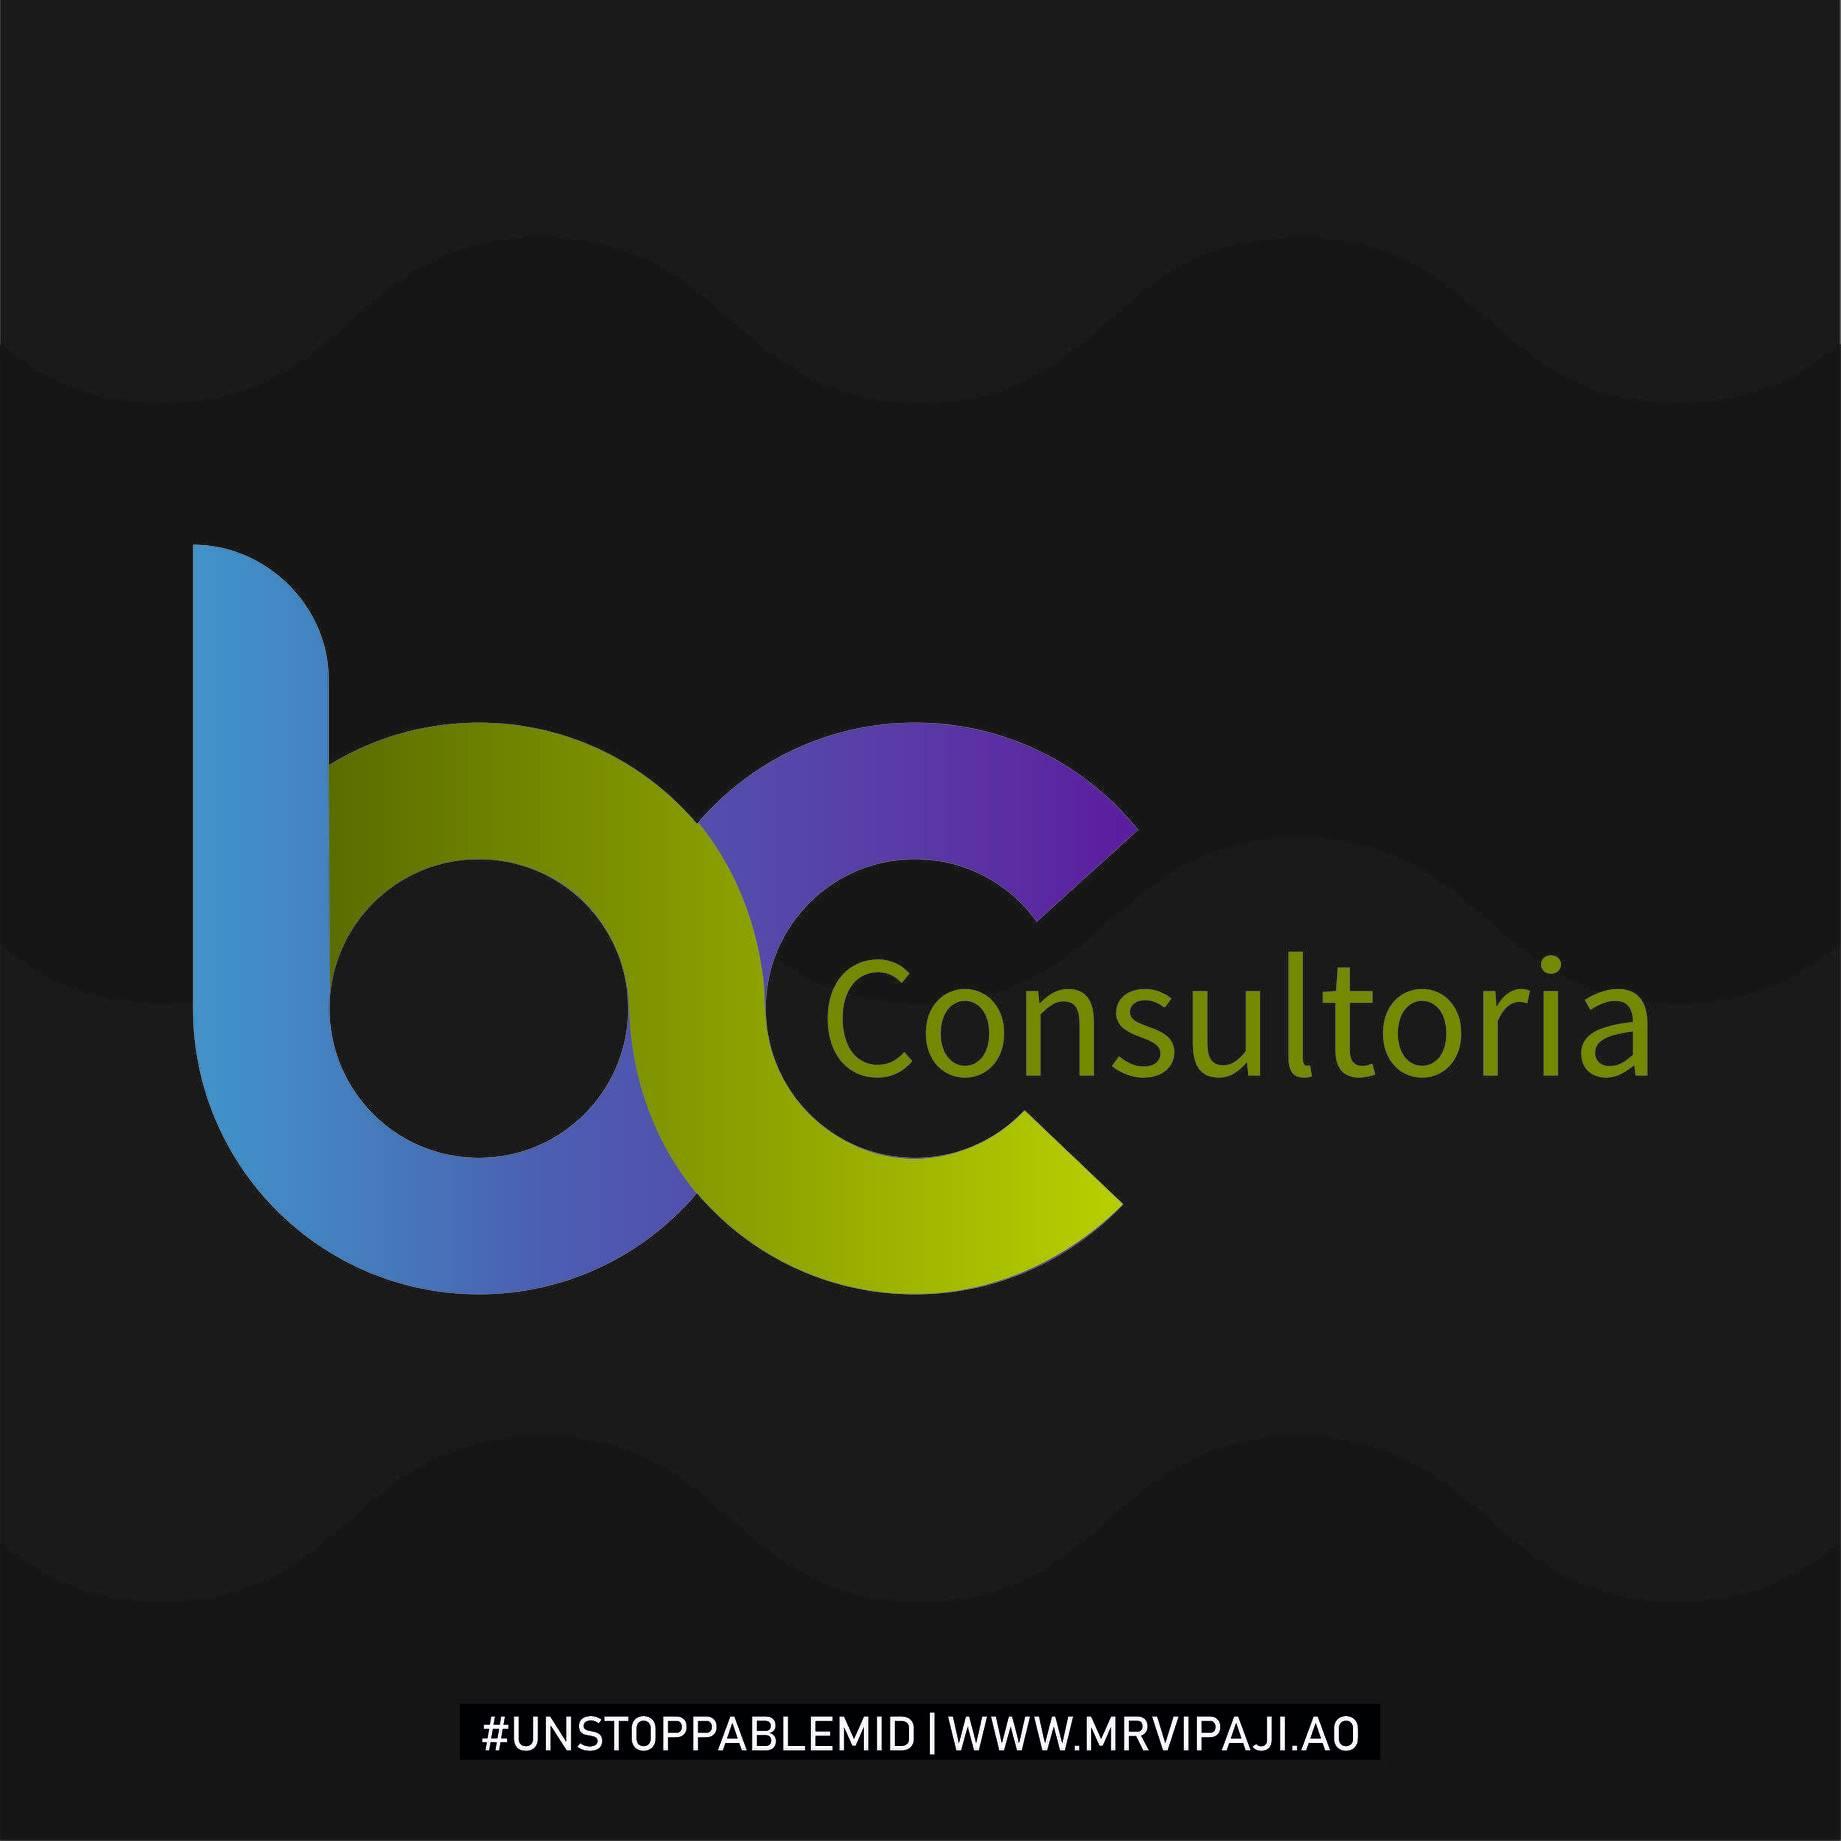 Criação da marca BC Consultoria